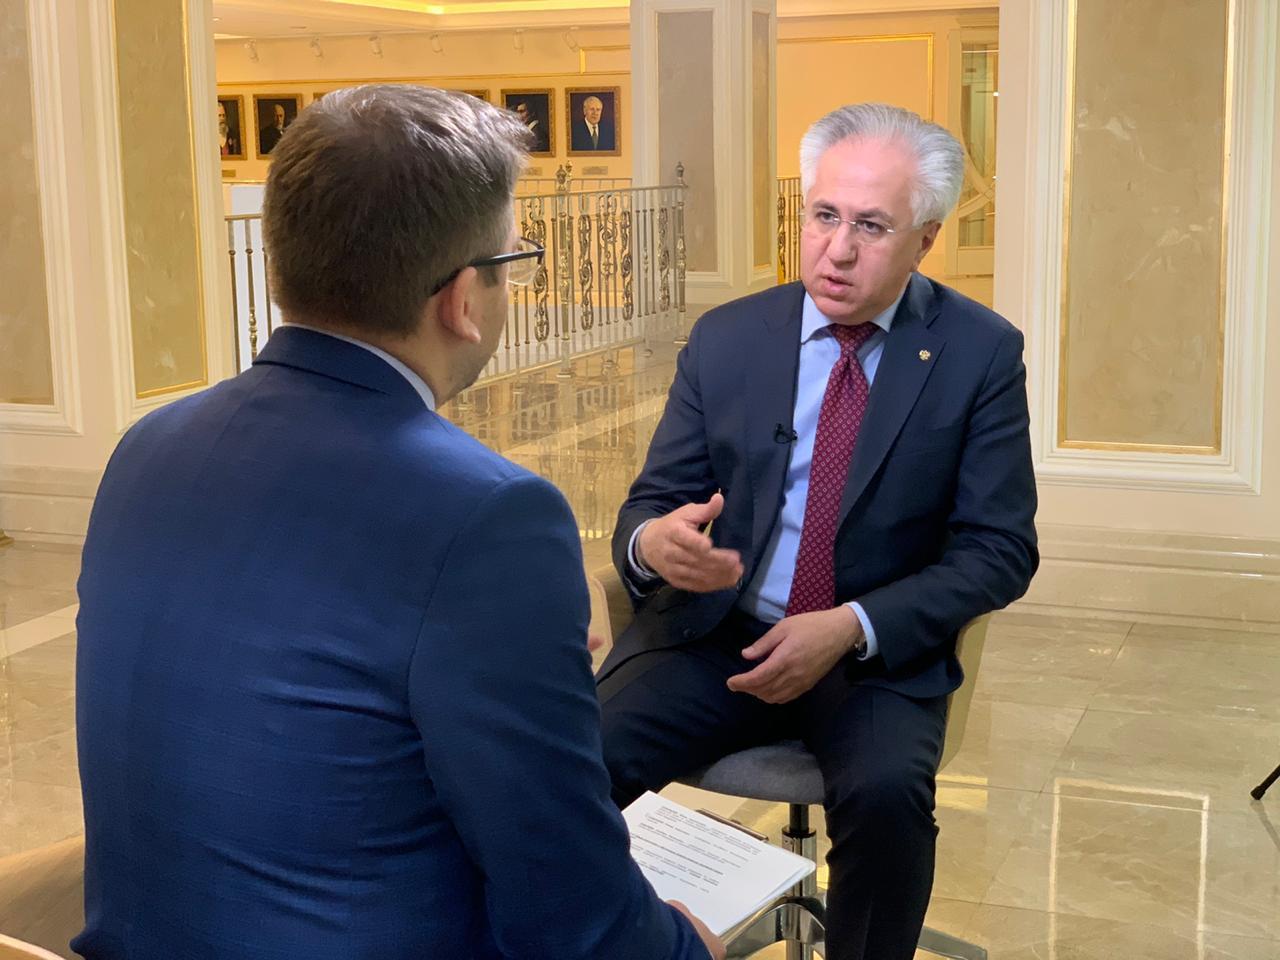 Рашид Исмаилов интервью Вместе-РФ